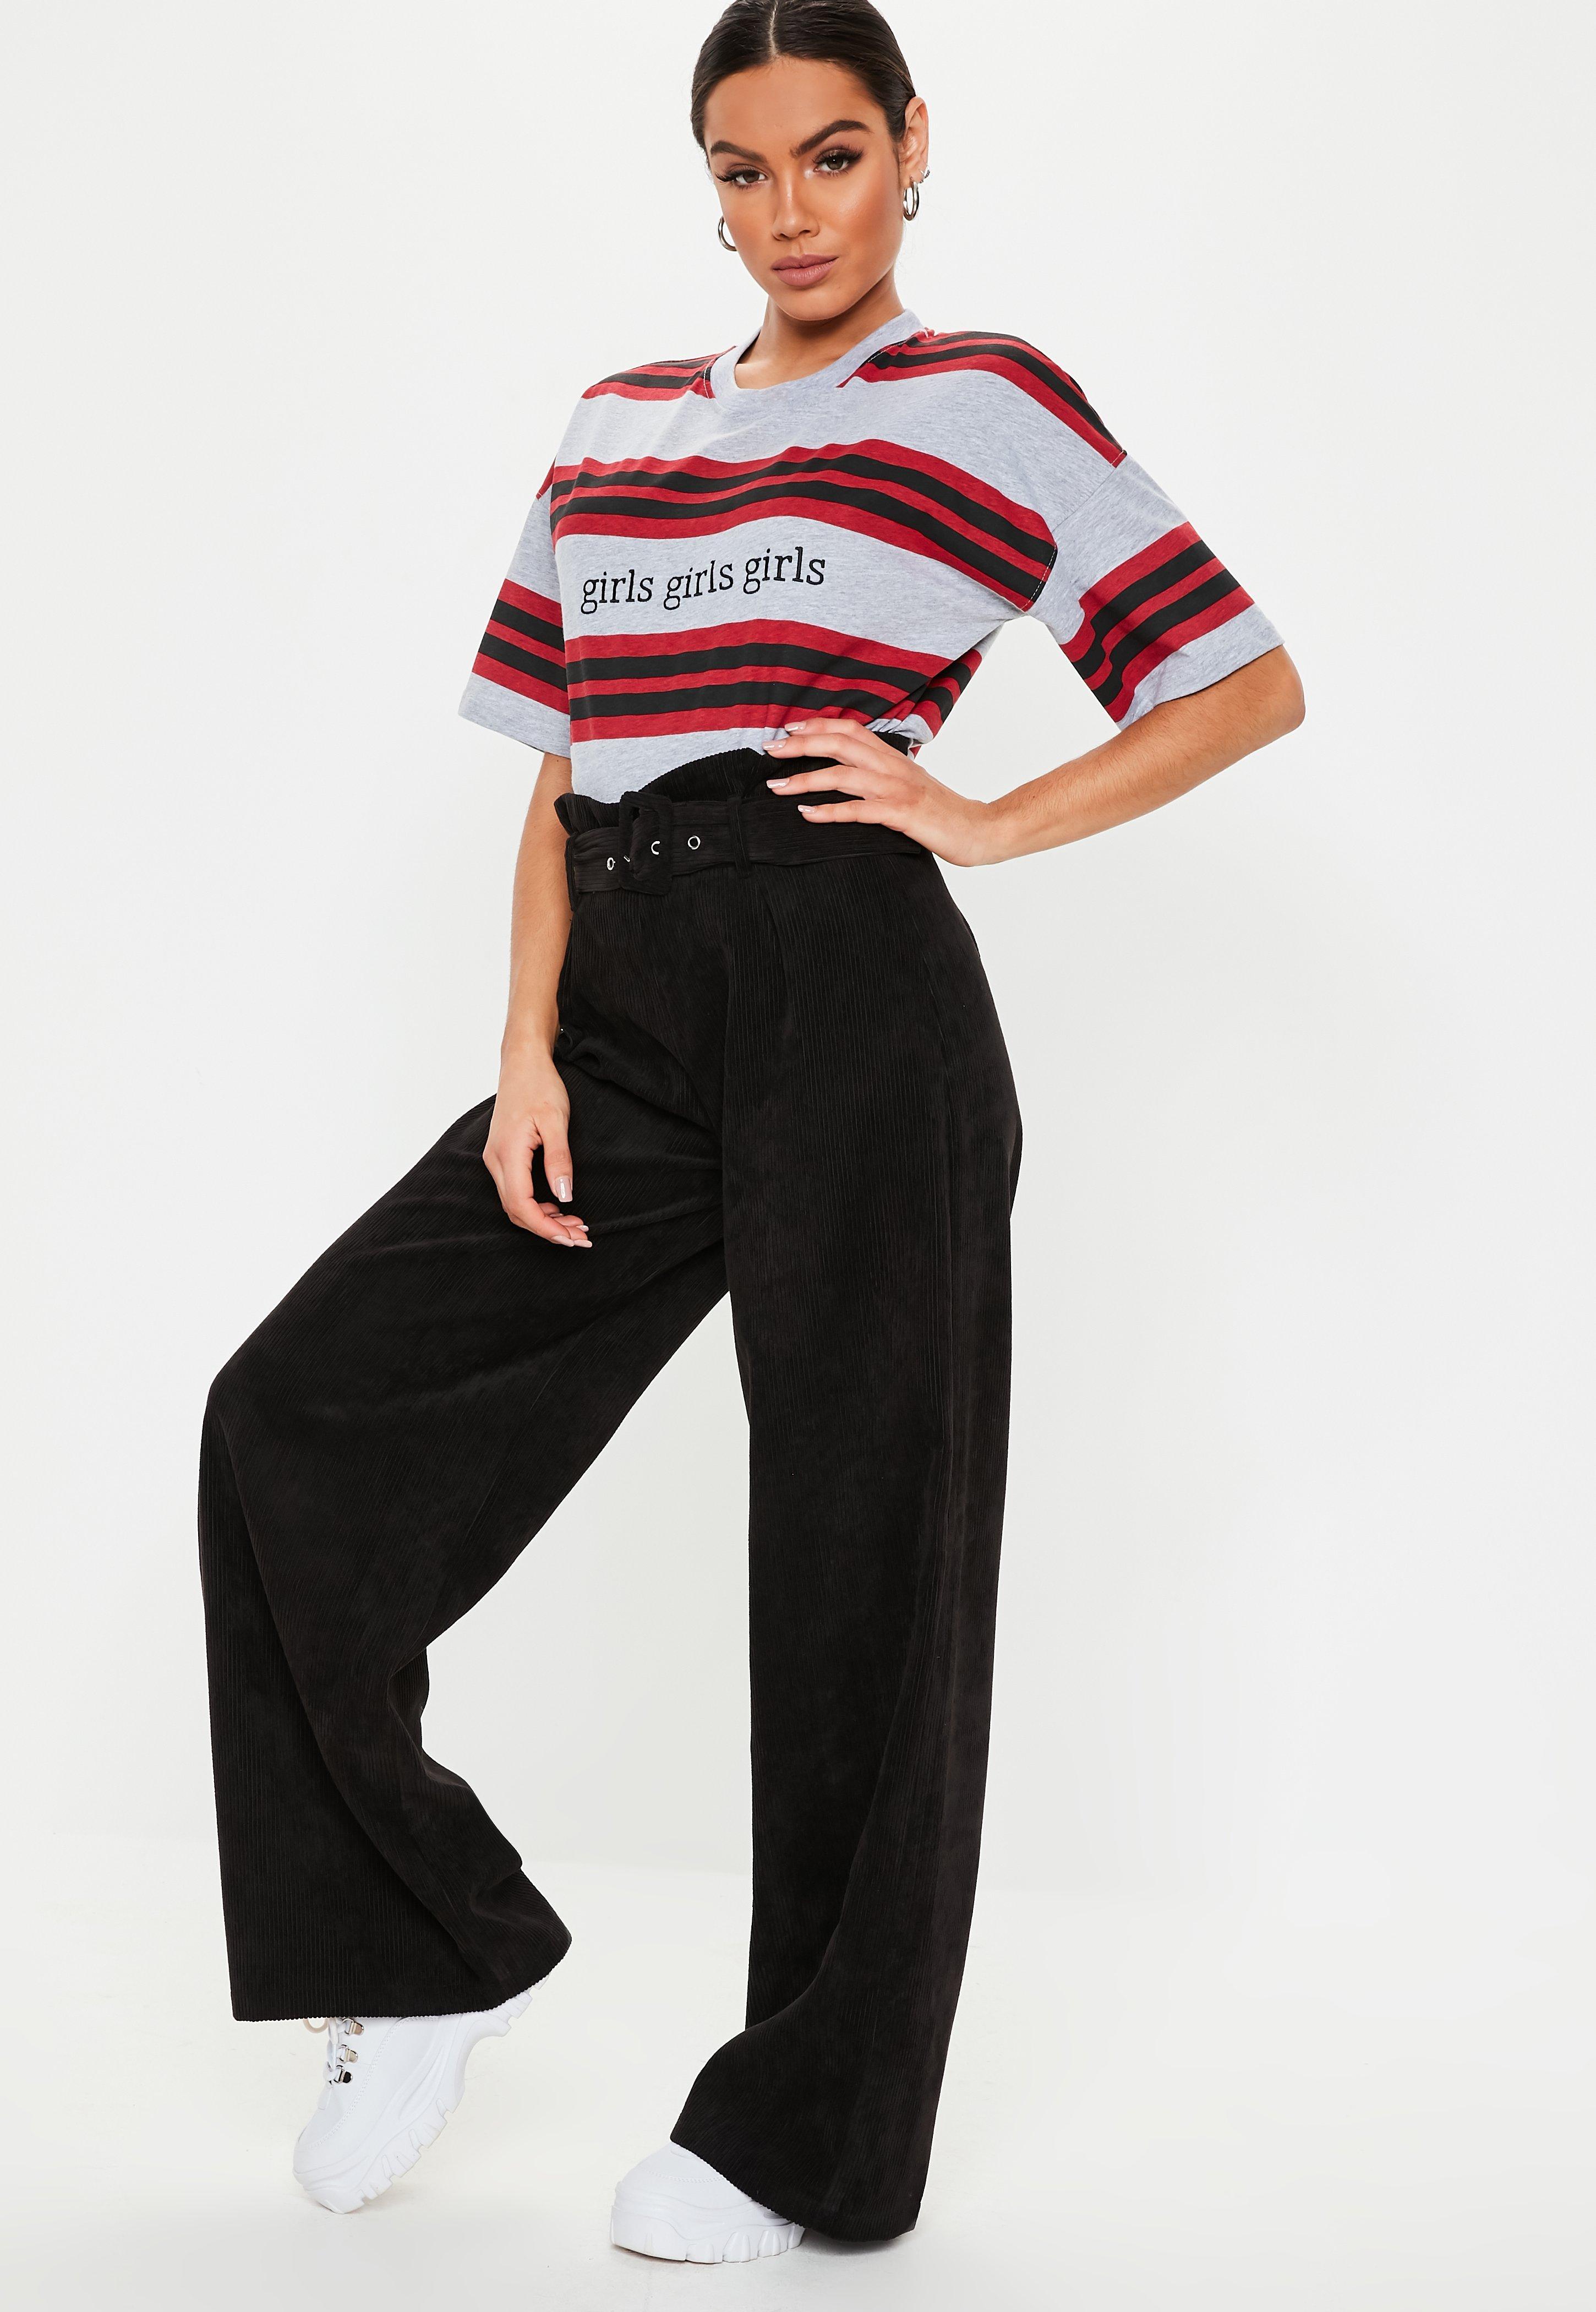 Pantalon femme   Pantalon été en ligne - Missguided 4ebb8077cf6e